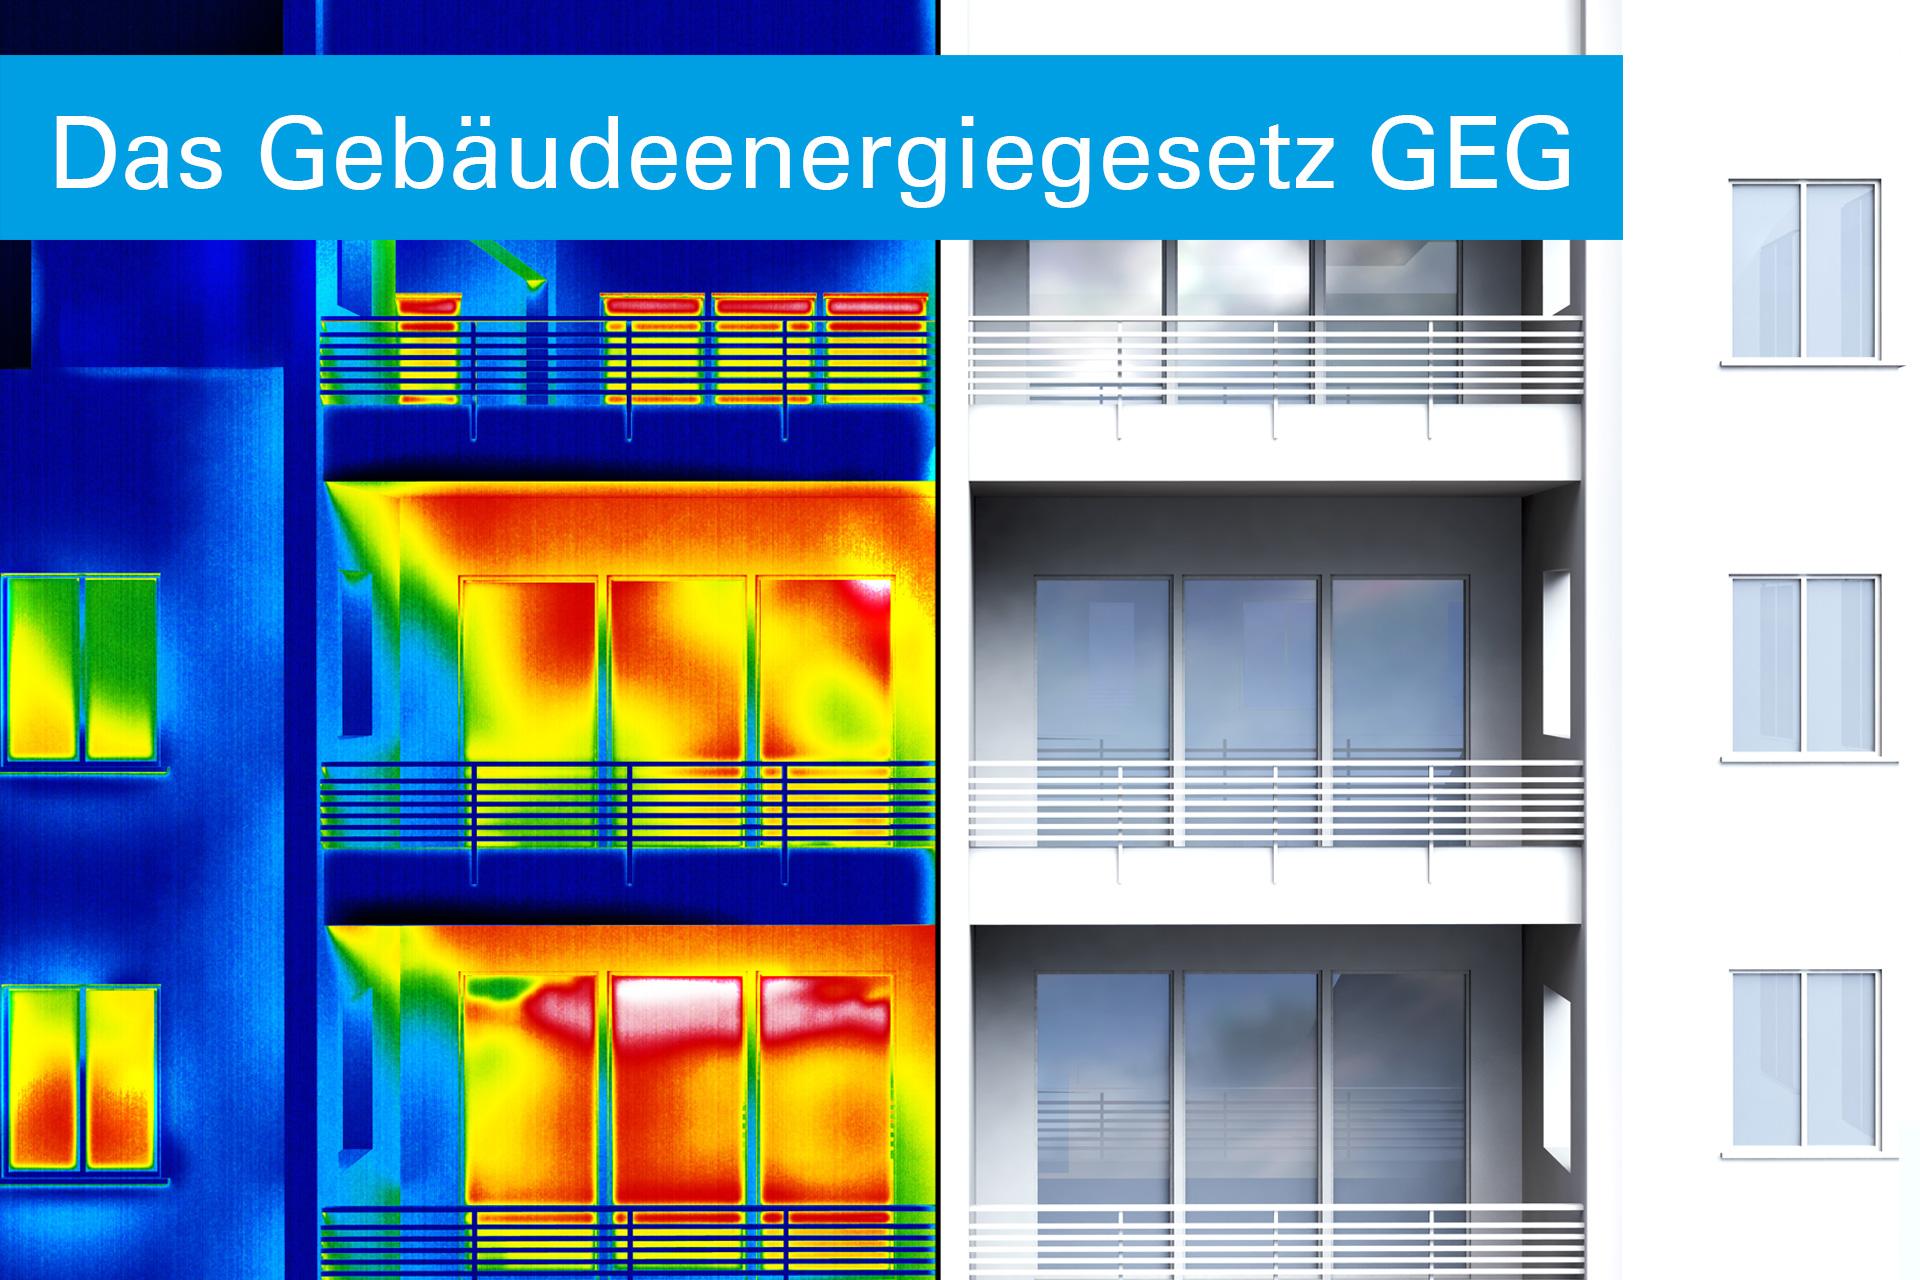 Das neue Gebäudeenergiegesetz GEG